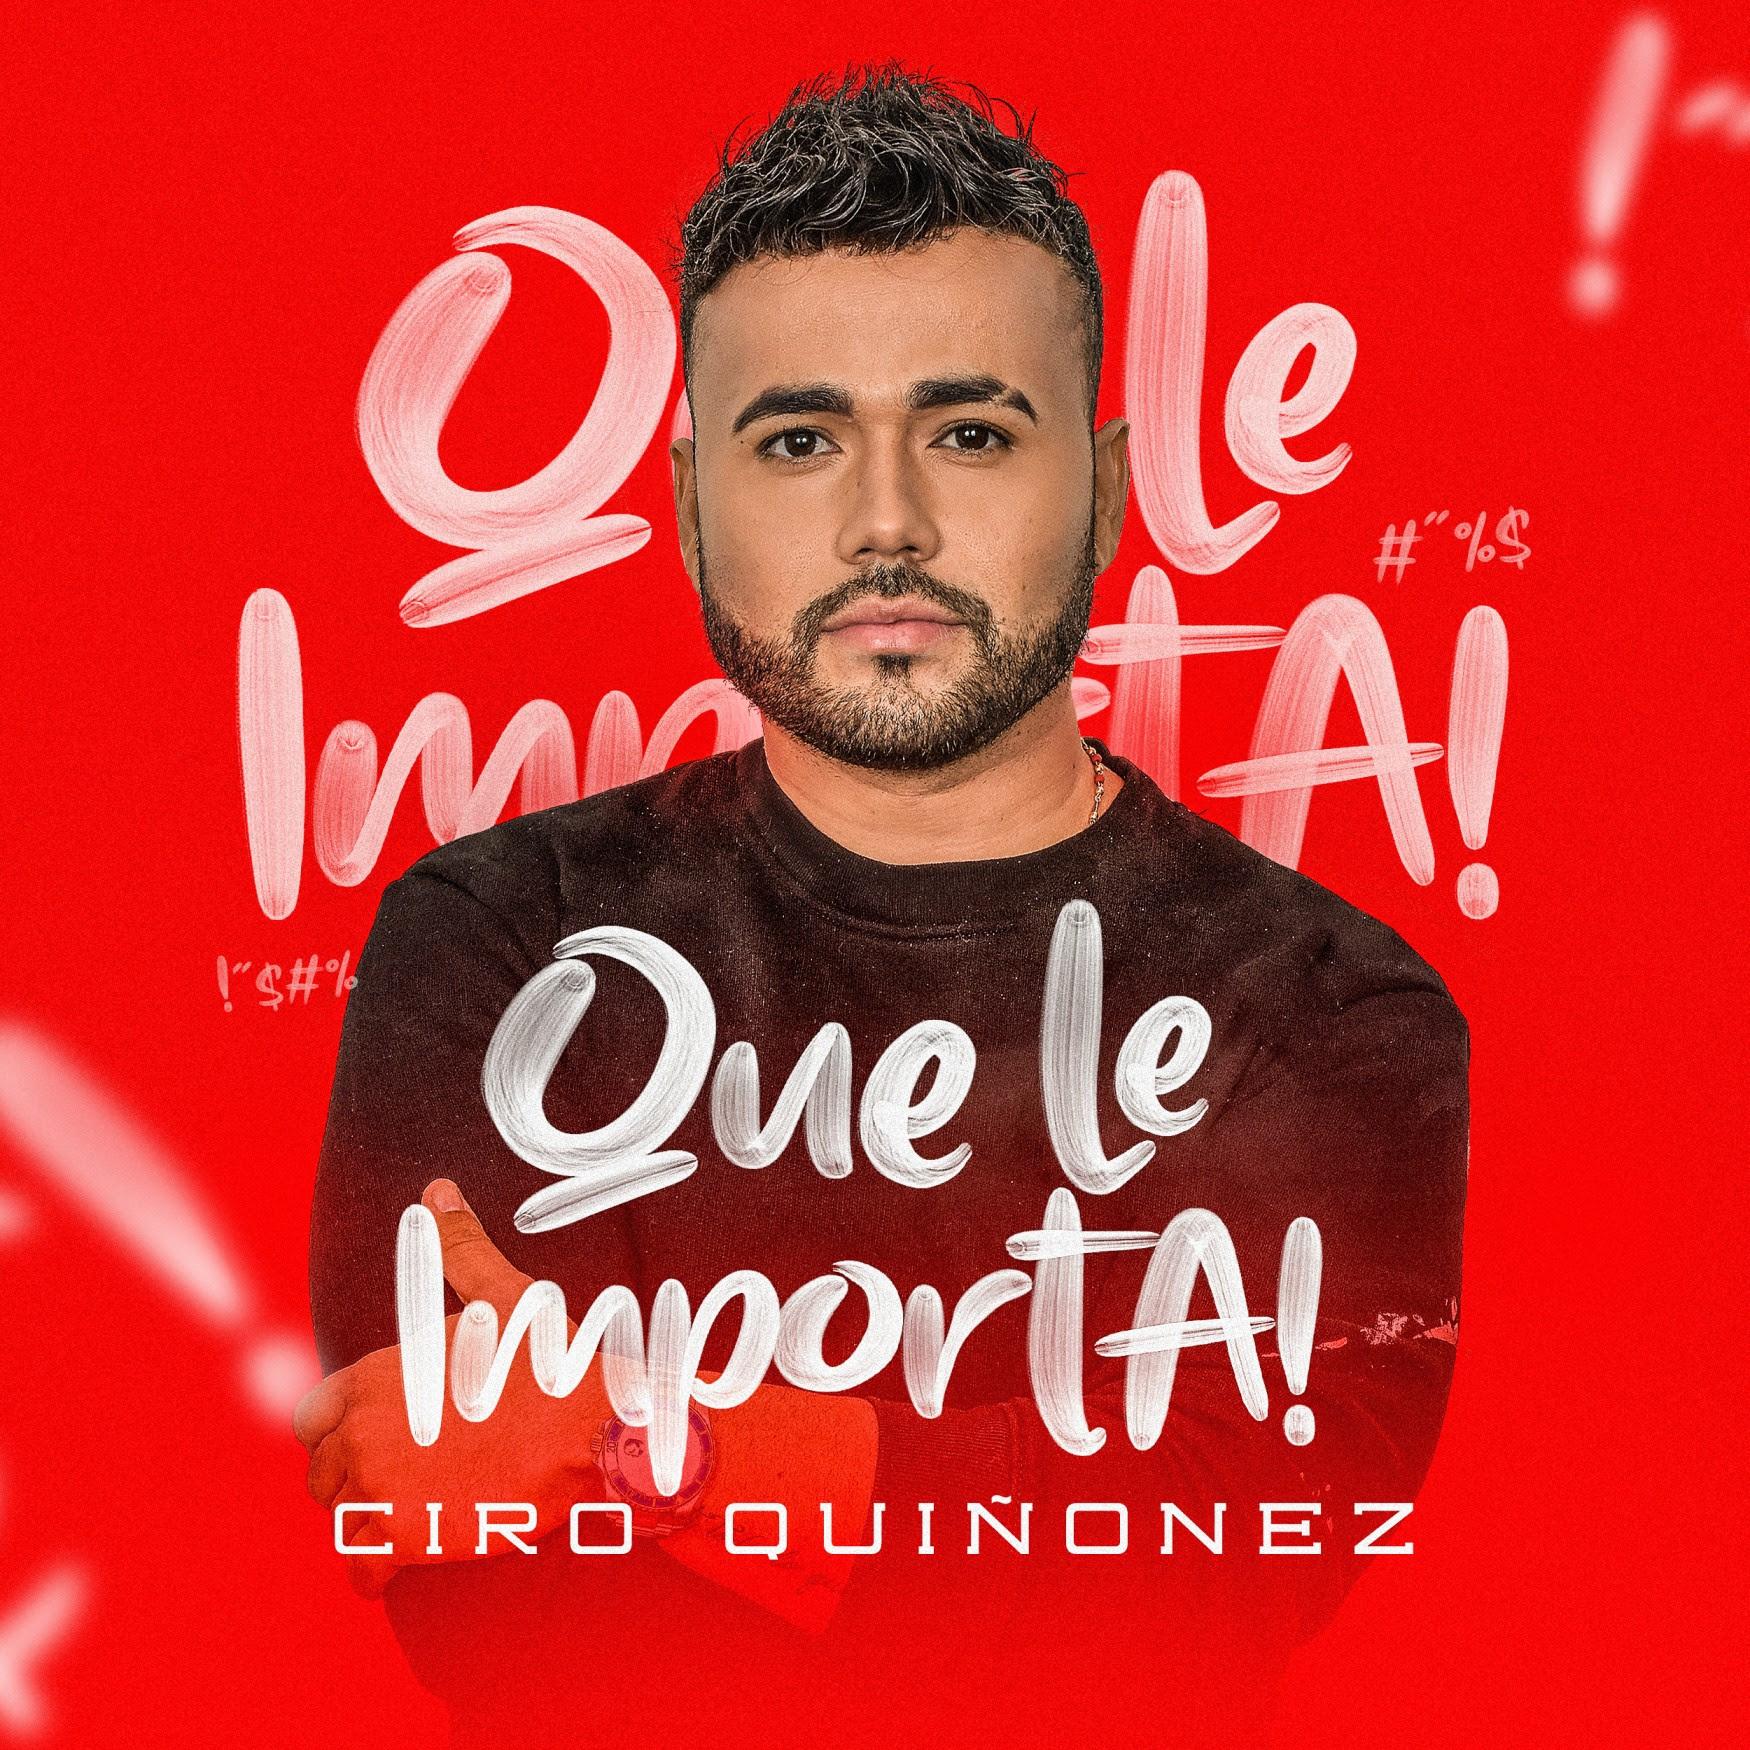 «Que Le Importa!» el tema de Ciro Quiñonez que le canta a las críticas – @Ciroquinonezoficial